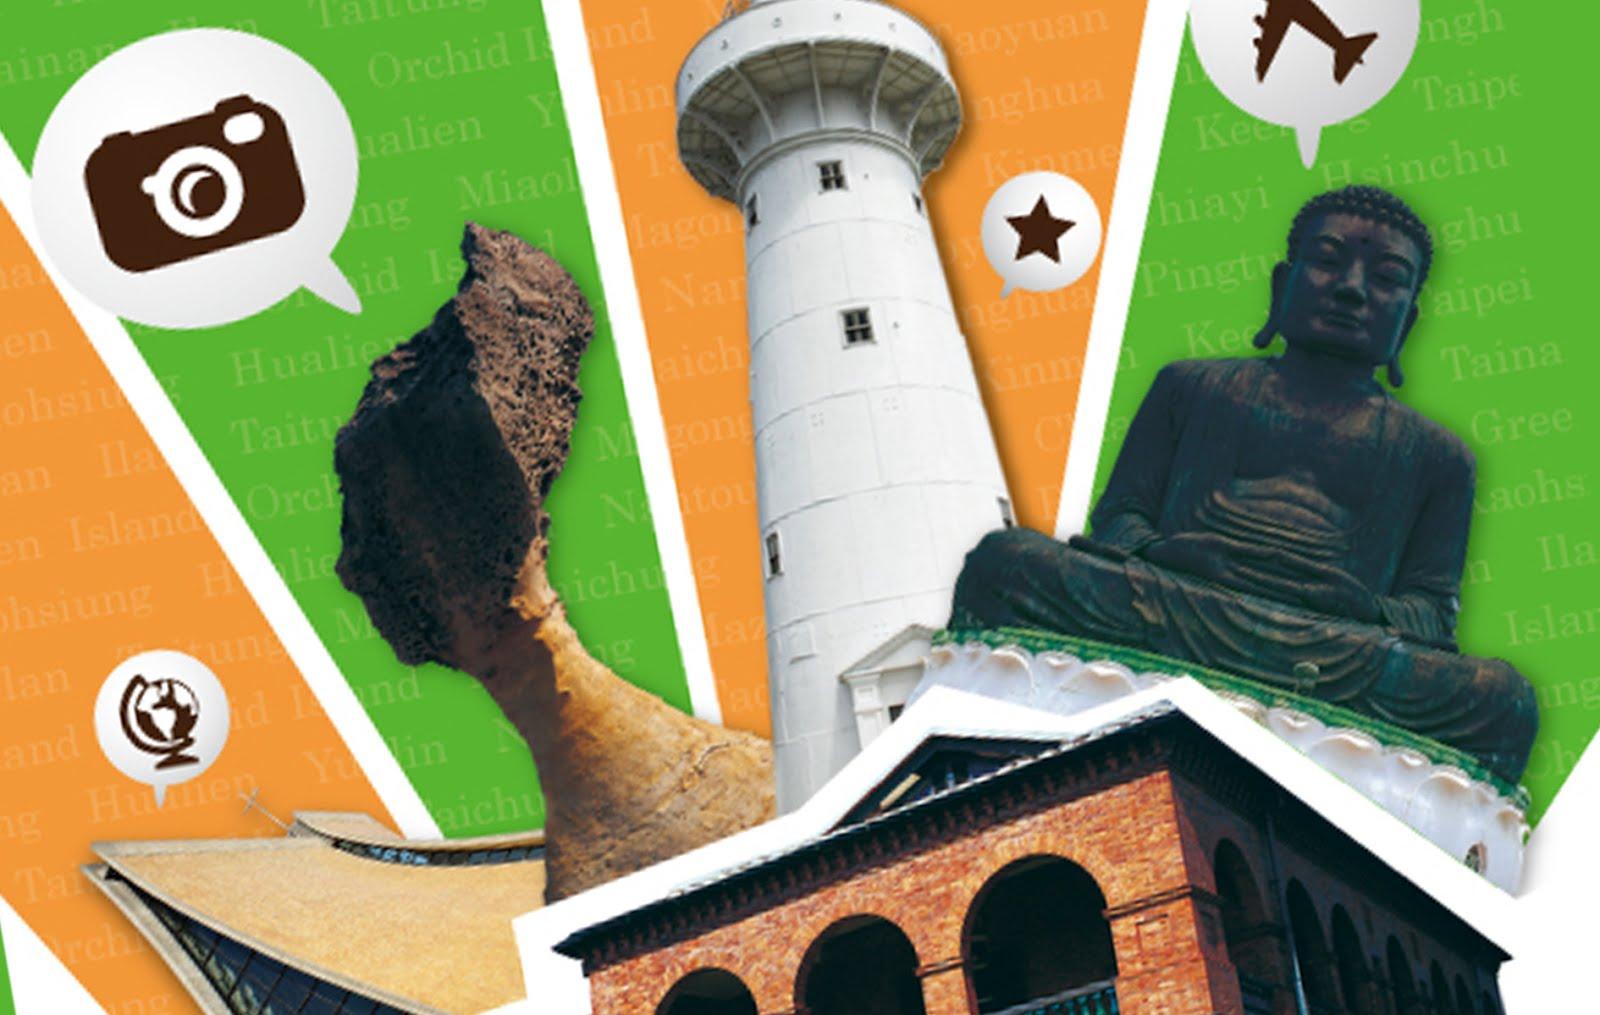 五南圖書出版有限公司 - 觀光資源版型 & 解說教育封面 by MUMULab.com